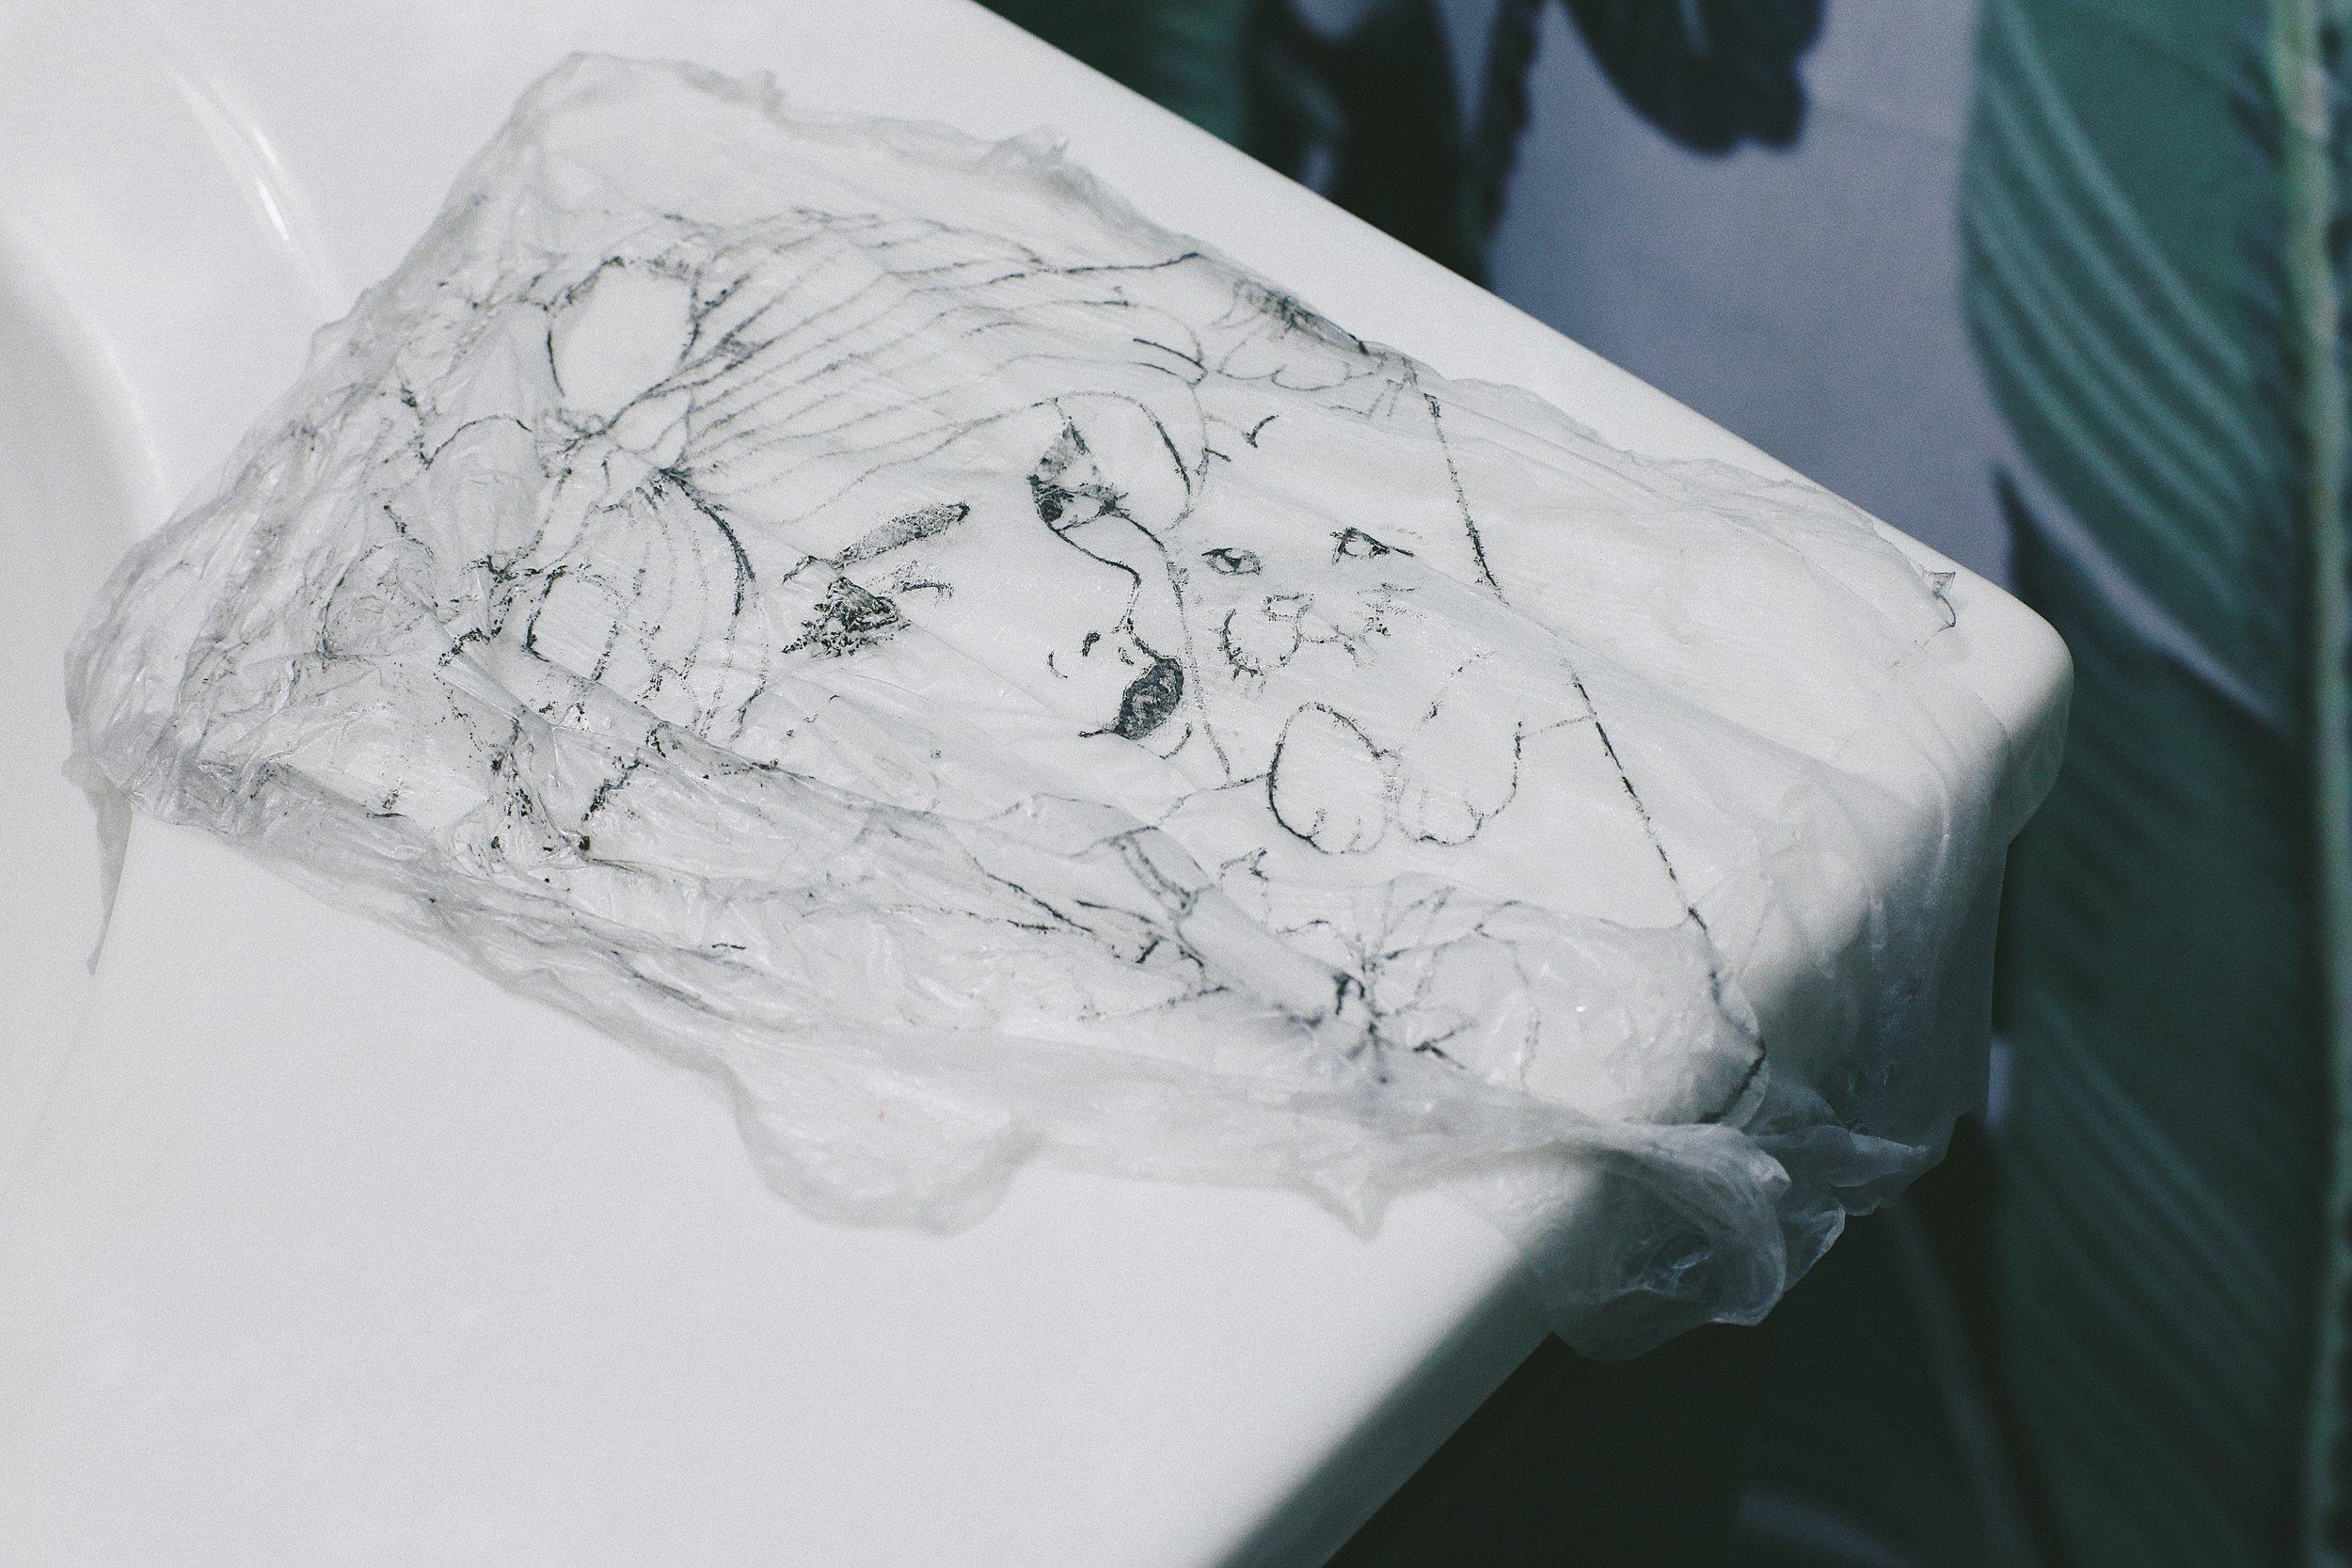 YB_CAT TATTOO 11.JPG